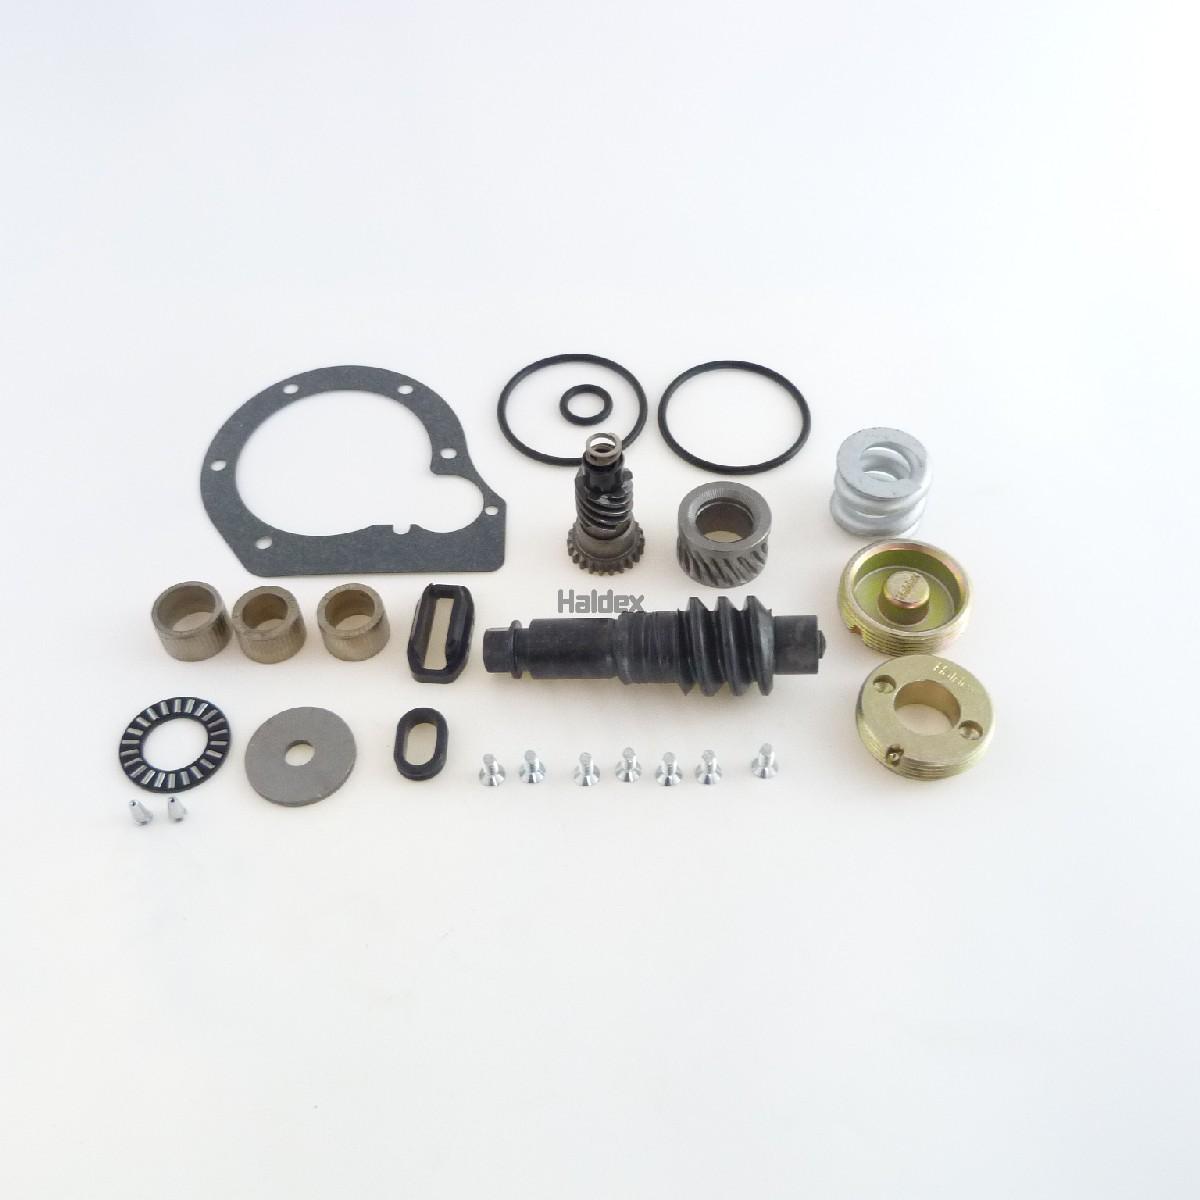 Spares & repair kits